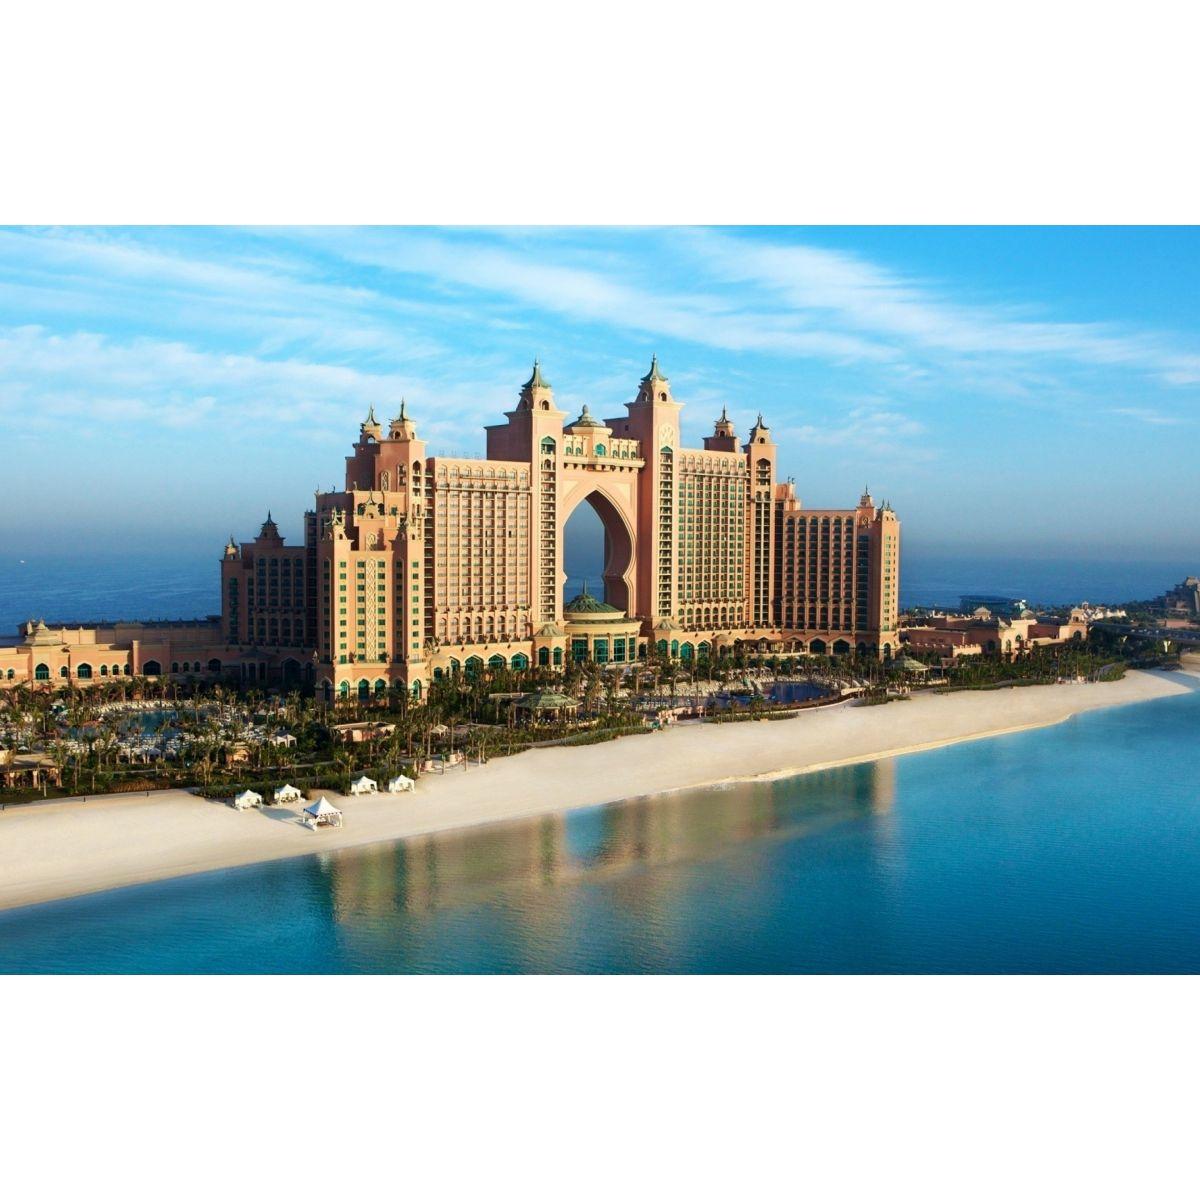 quadro Dubai Hotel Sea